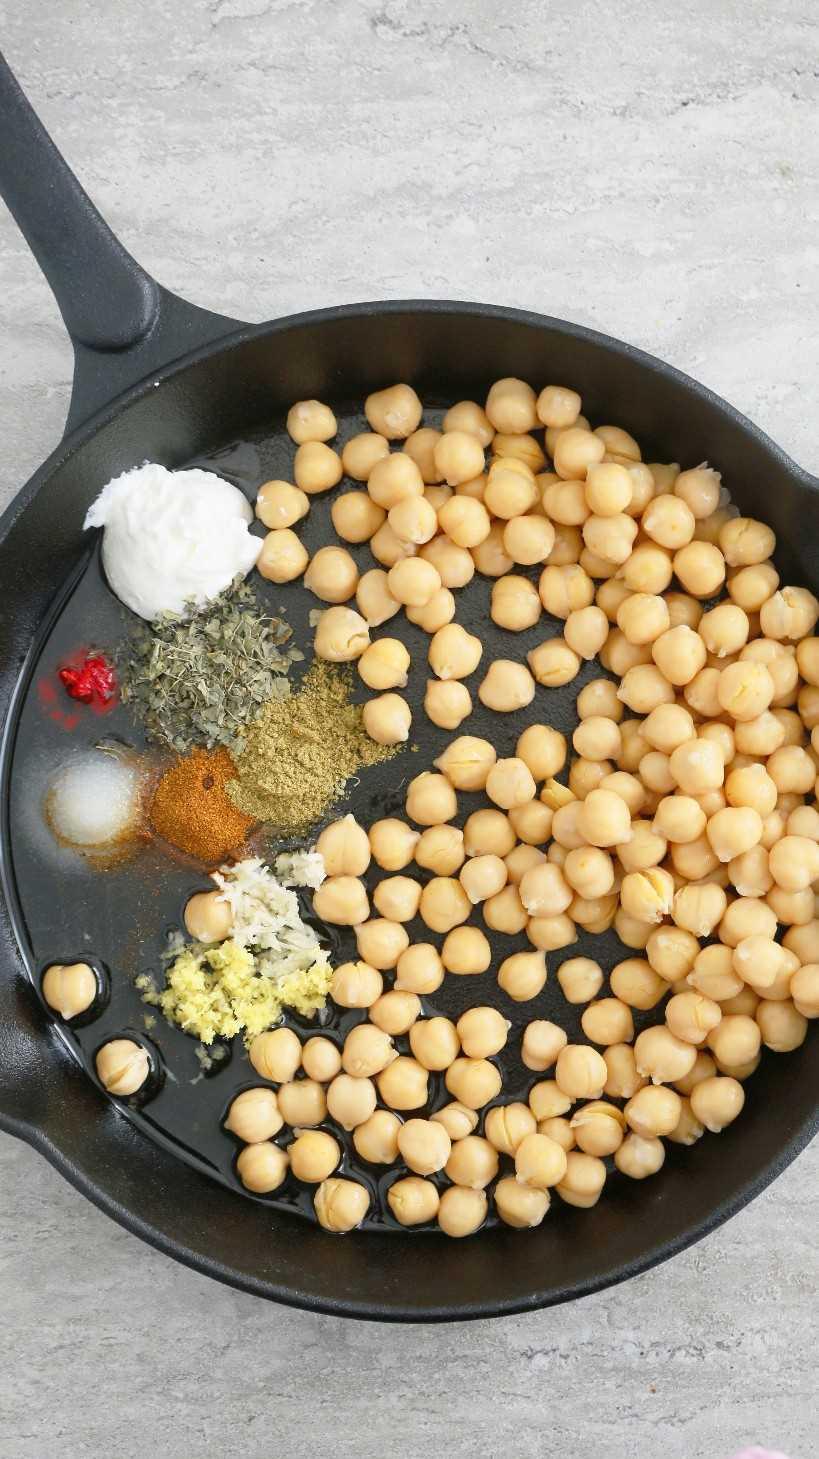 garbanzos asados picantes indios